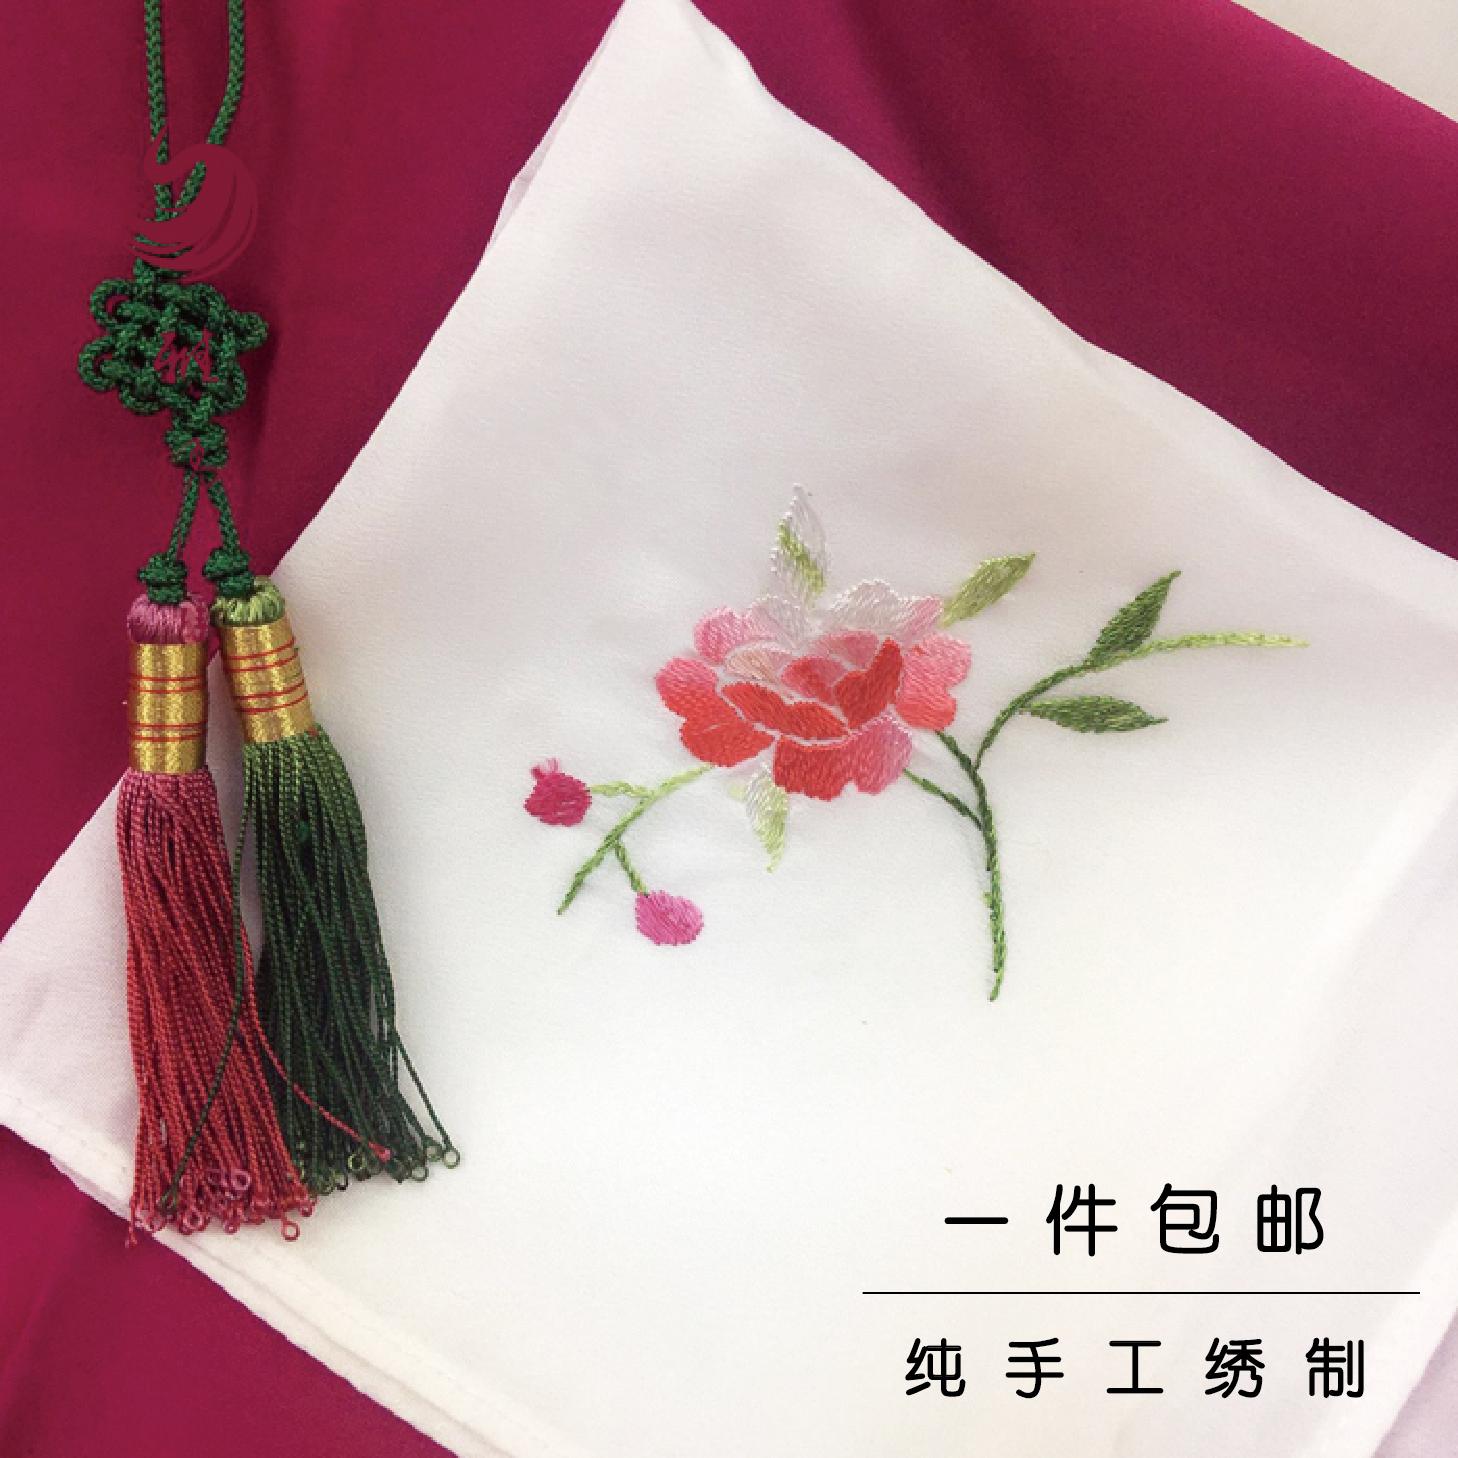 Элегантный вышивать коллекция река сянцзян вышивать подарок спин провод вышивка носовой платок мисс древность китайский ветер ретро тонкий рука шелк женщина друг